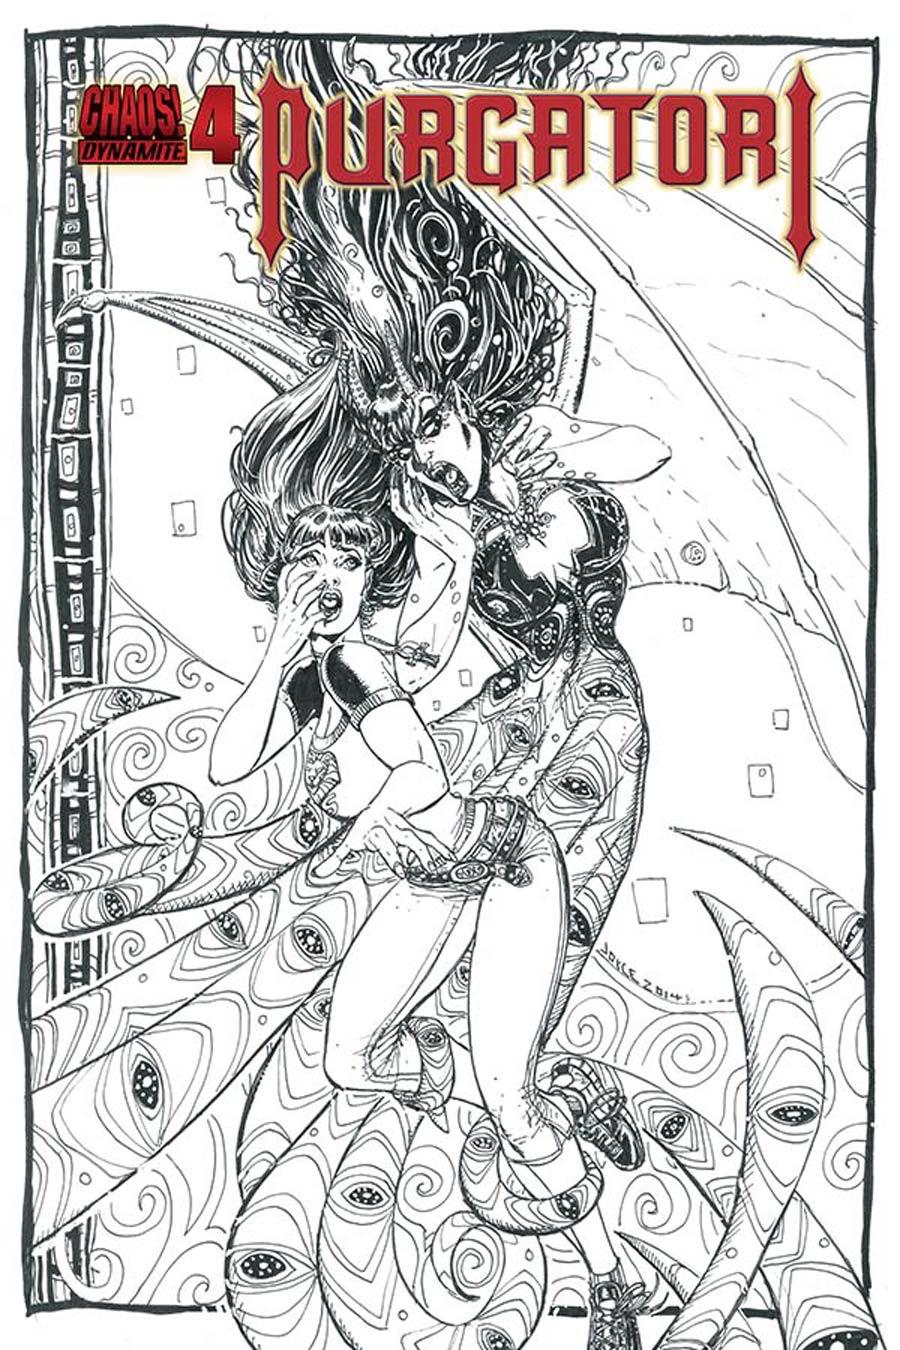 Purgatori Vol 3 #4 Cover E Incentive Joyce Chin Black & White Cover